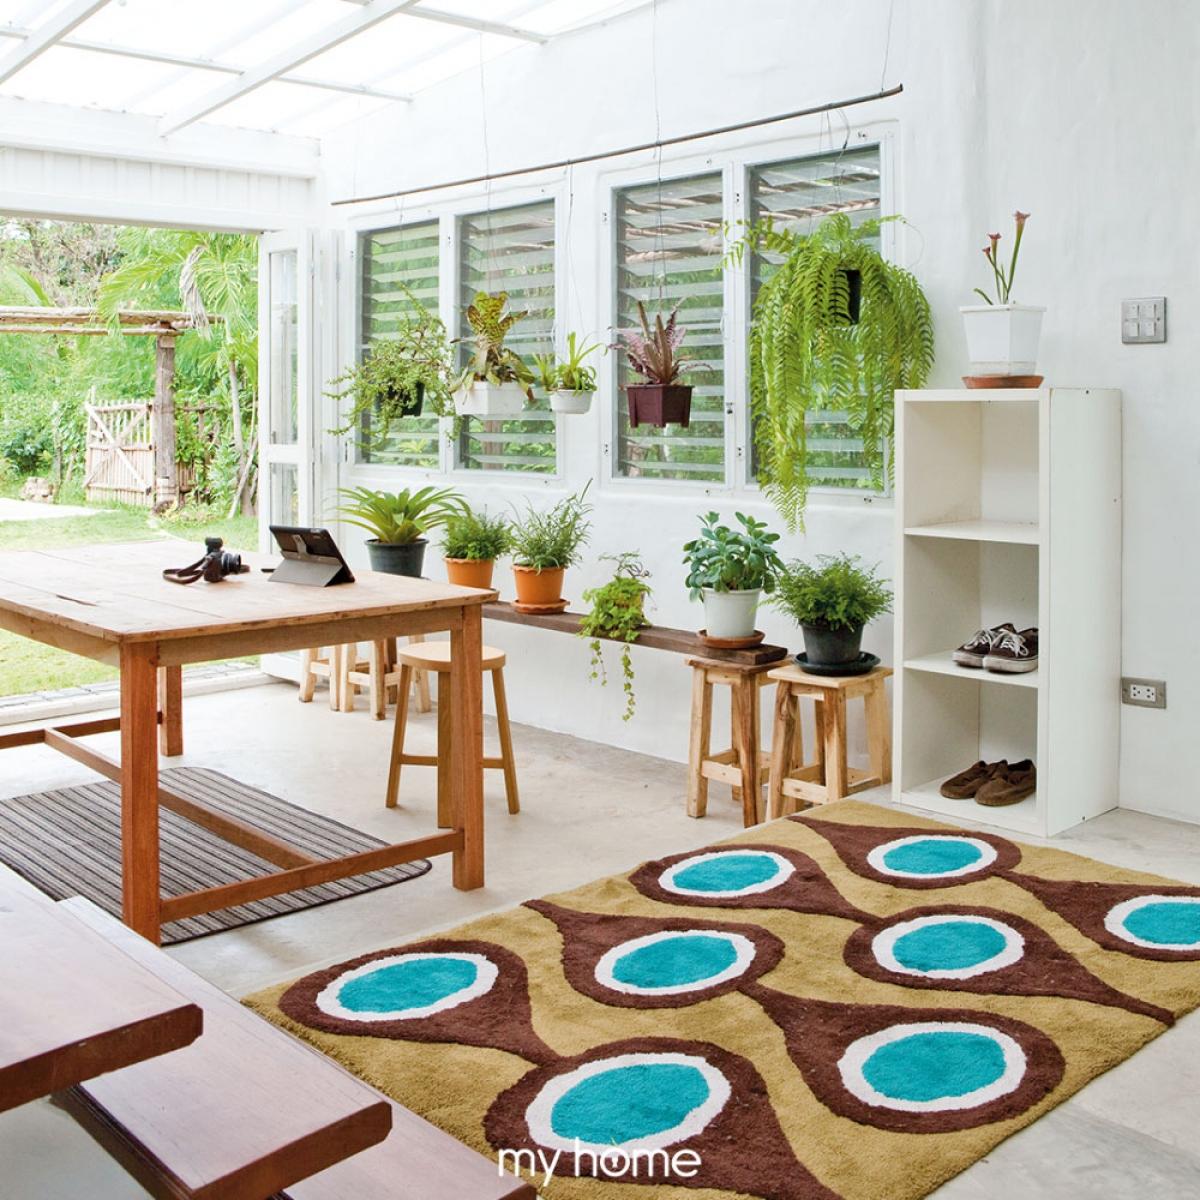 Bộ bàn ghế gỗ làm tăng sự mộc mạc, giản dị kết hợp cùng nhiều giỏ cây trang trí.